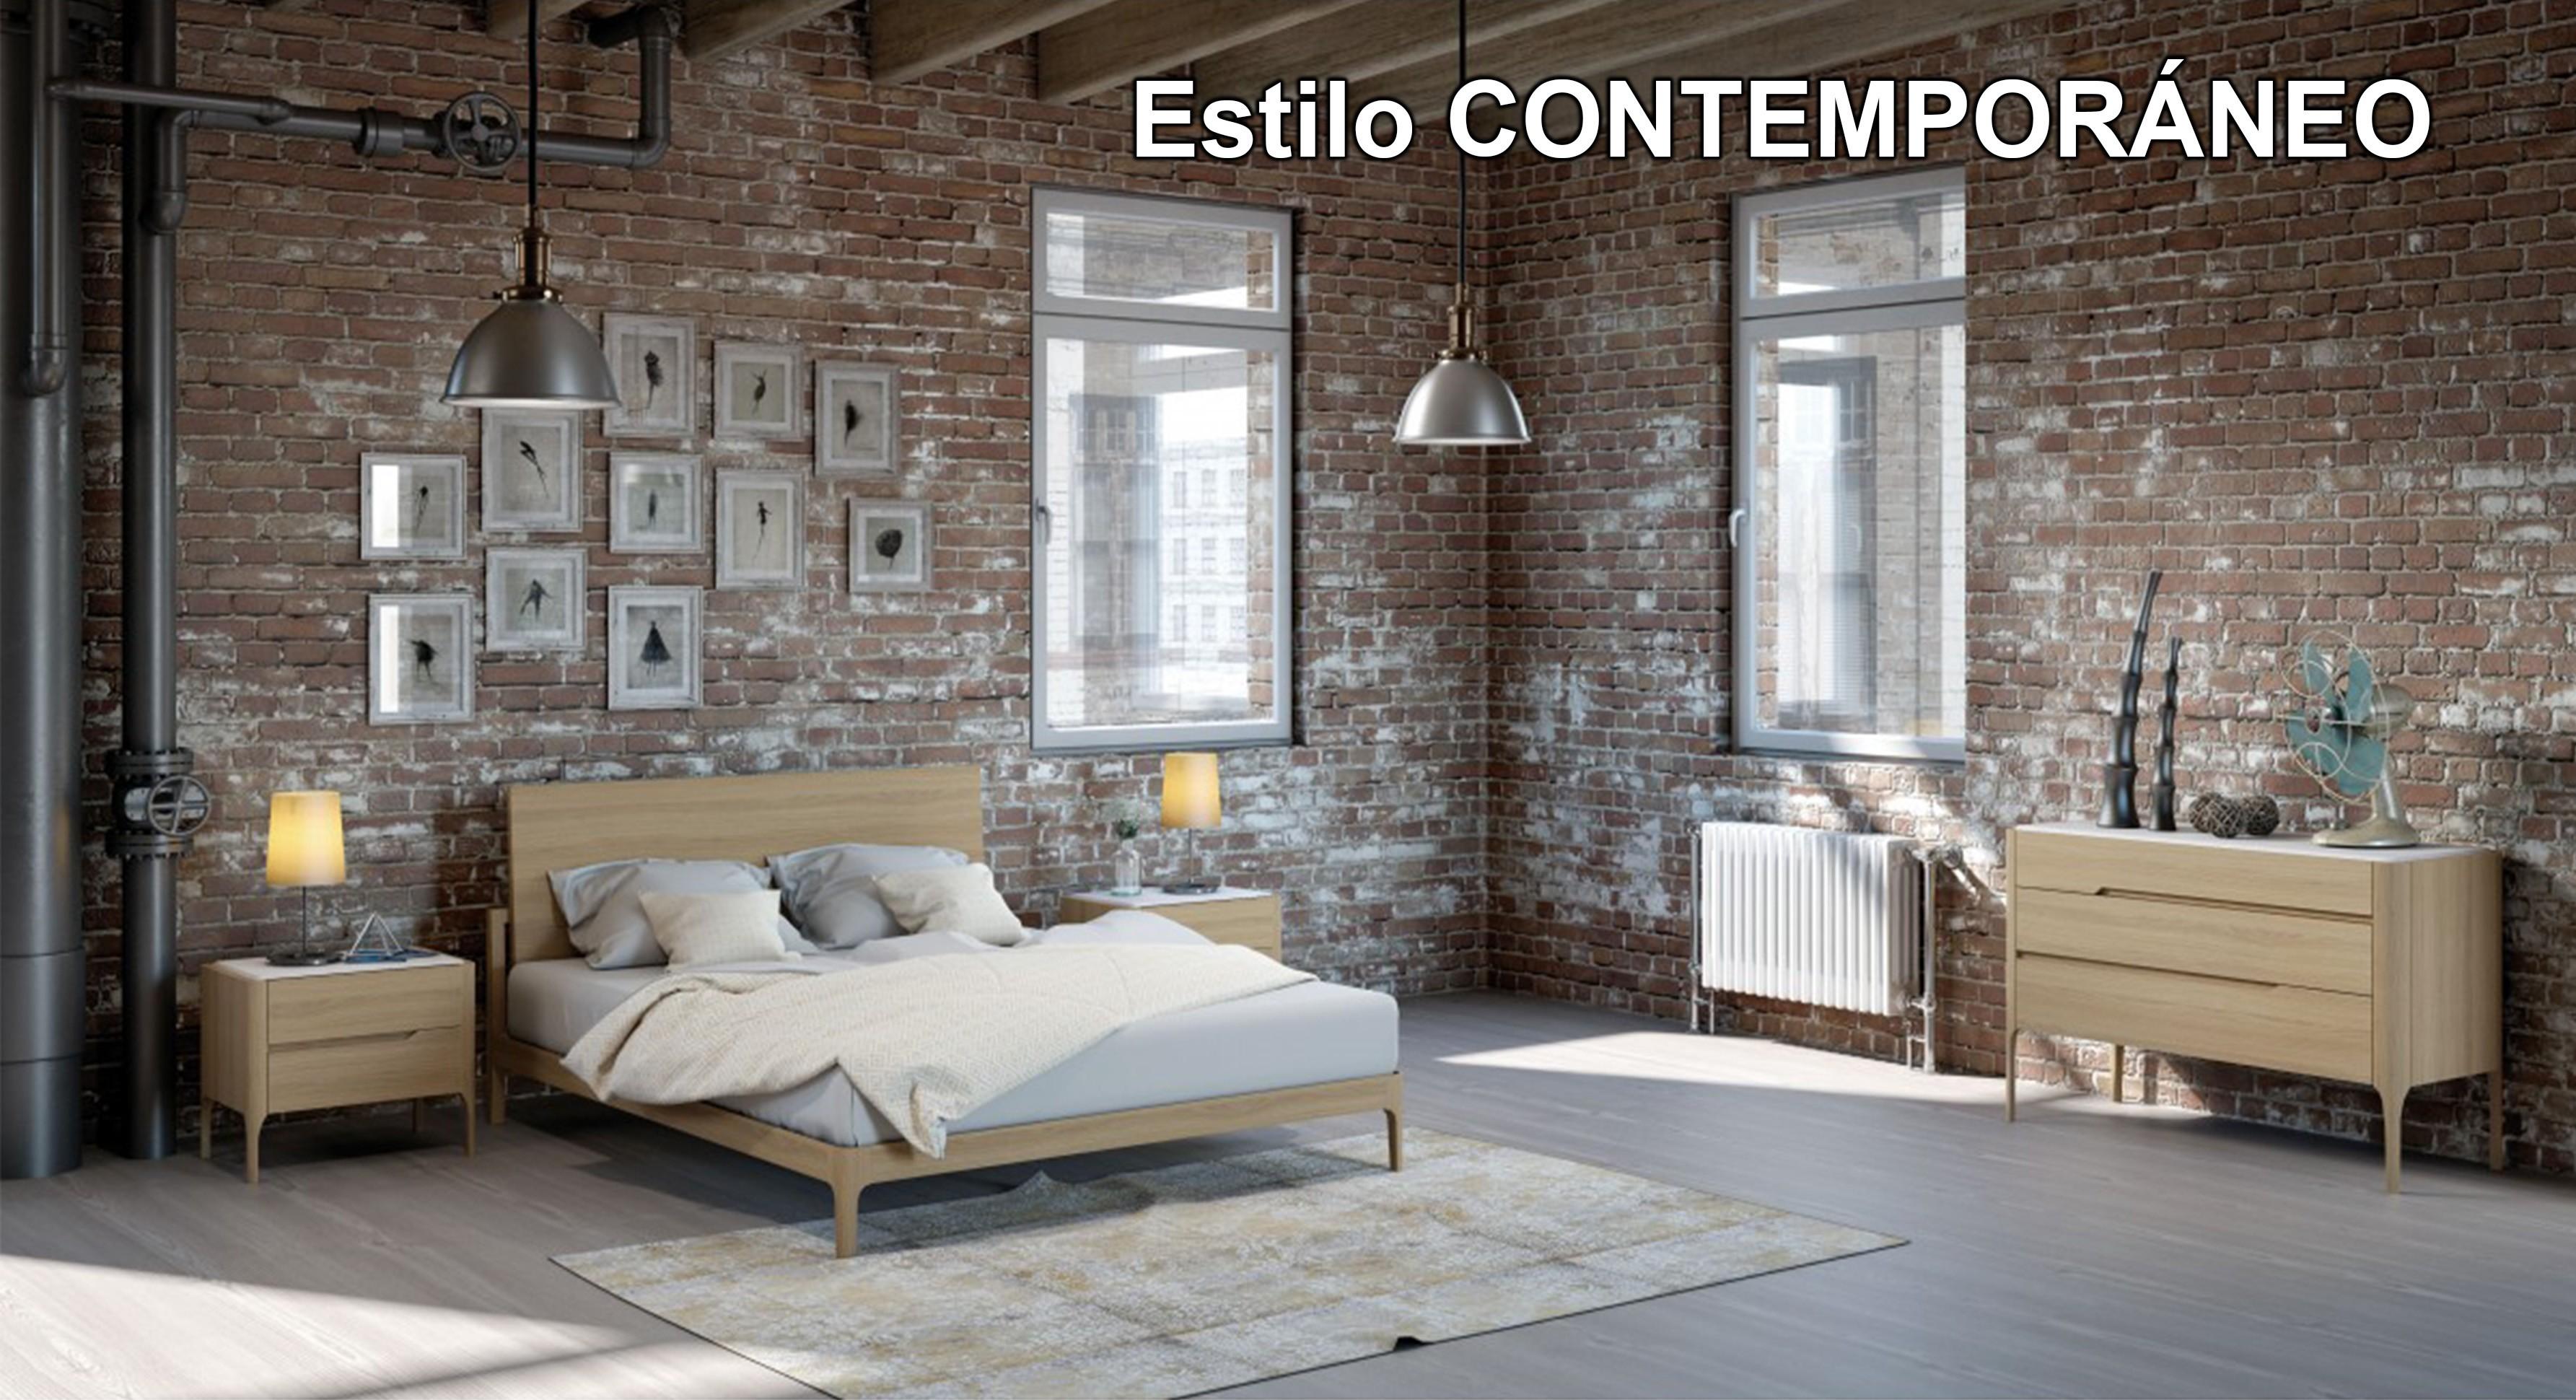 estilo contemporáneo